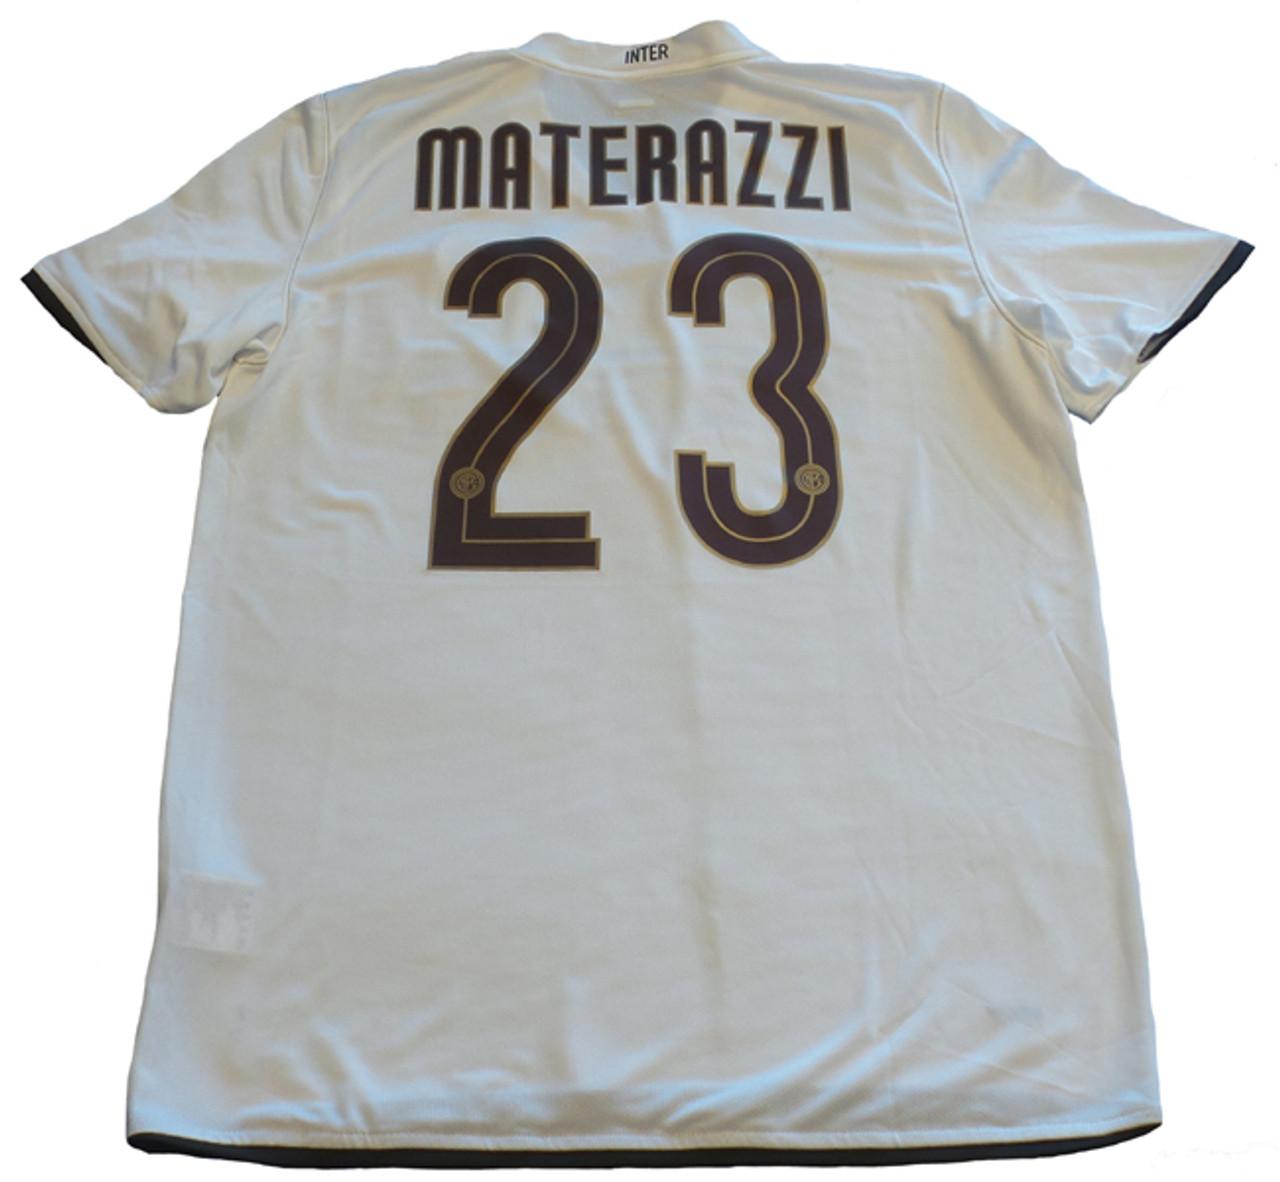 premium selection 8260b 7dcc7 NIKE INTER MILAN 2009 AWAY `MATERAZZI`JERSEY WHITE